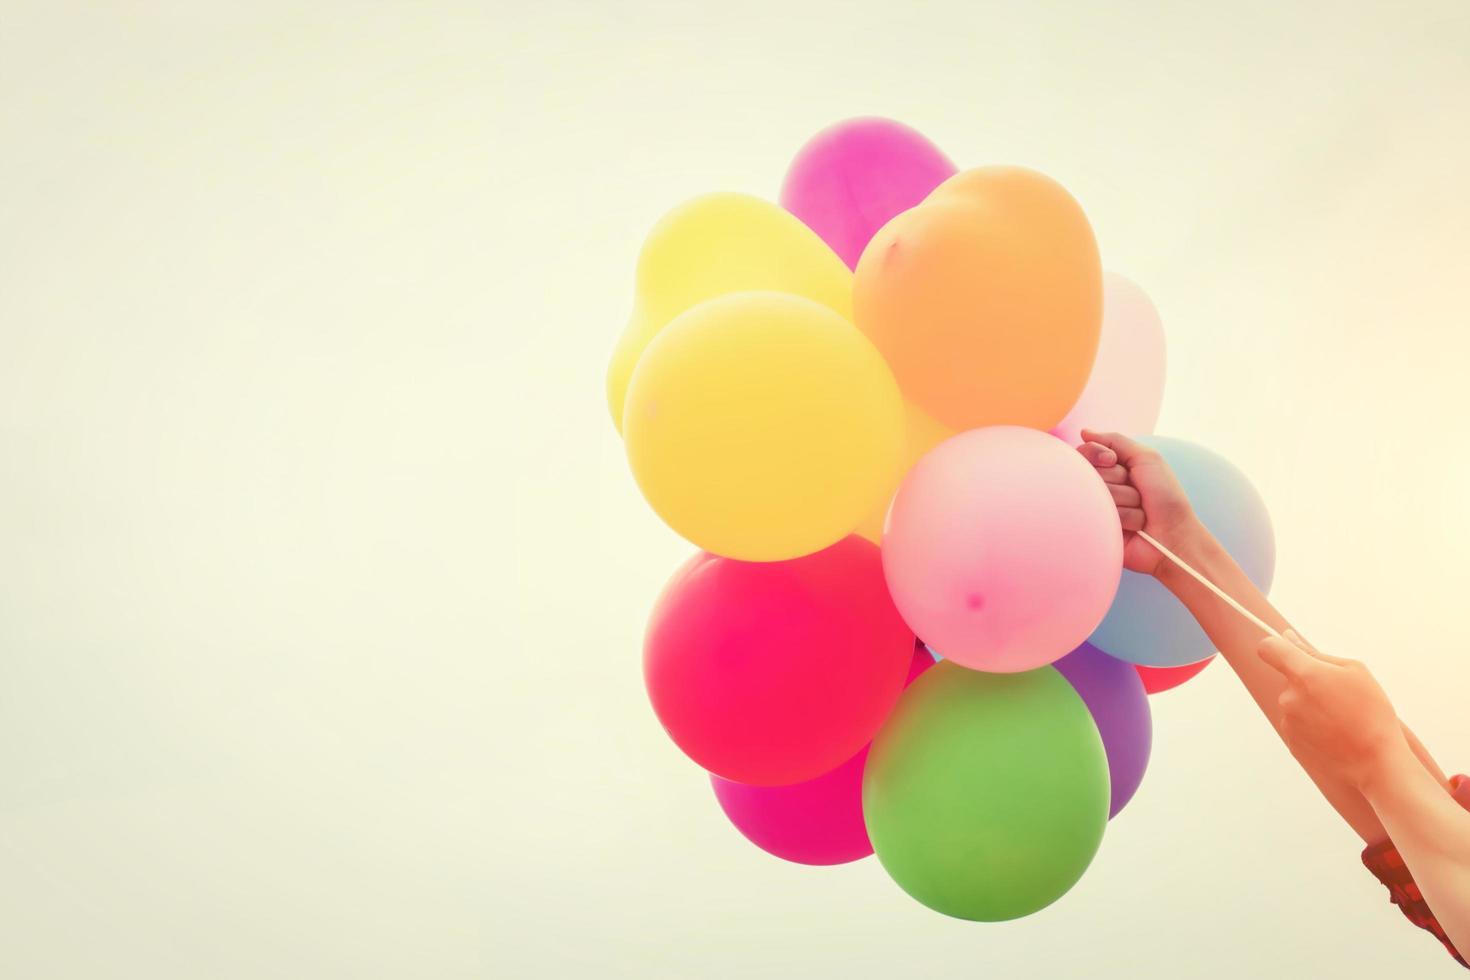 manos sosteniendo globos de colores bajo el sol del verano foto